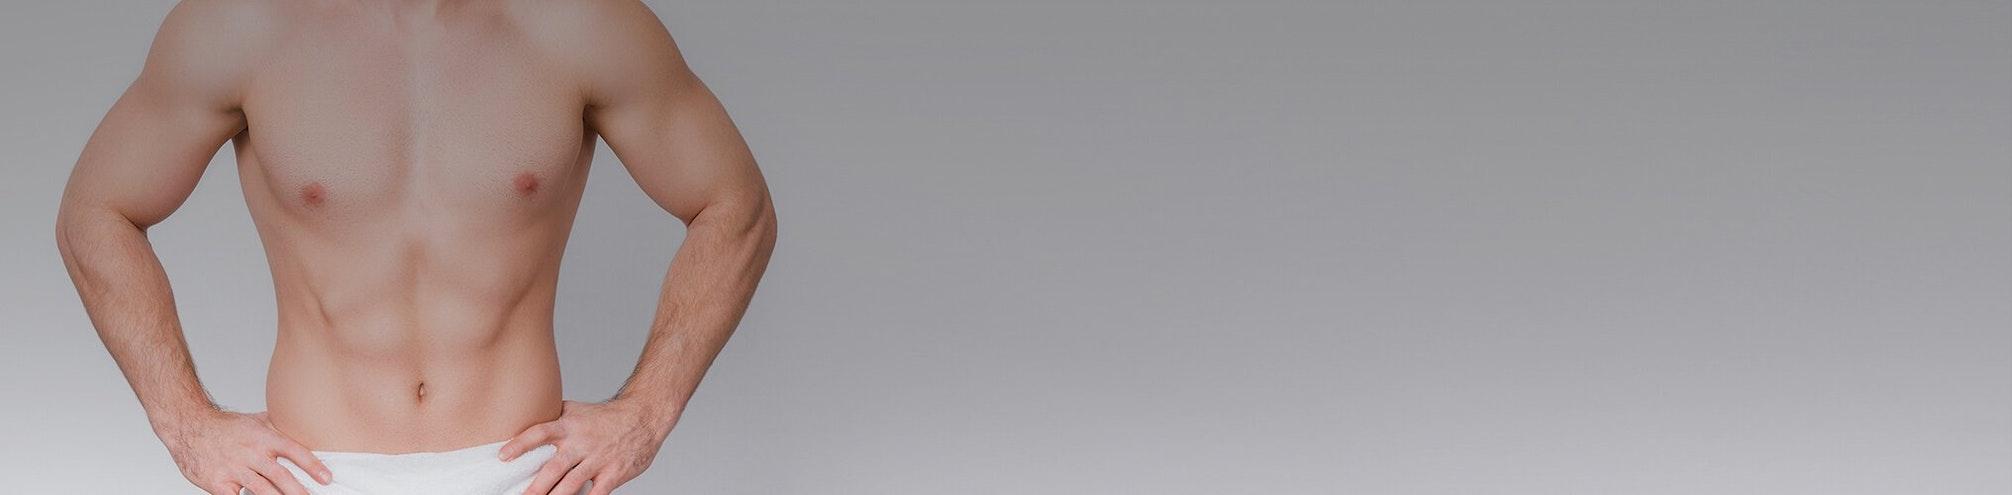 AirSculpt Gynecomastia